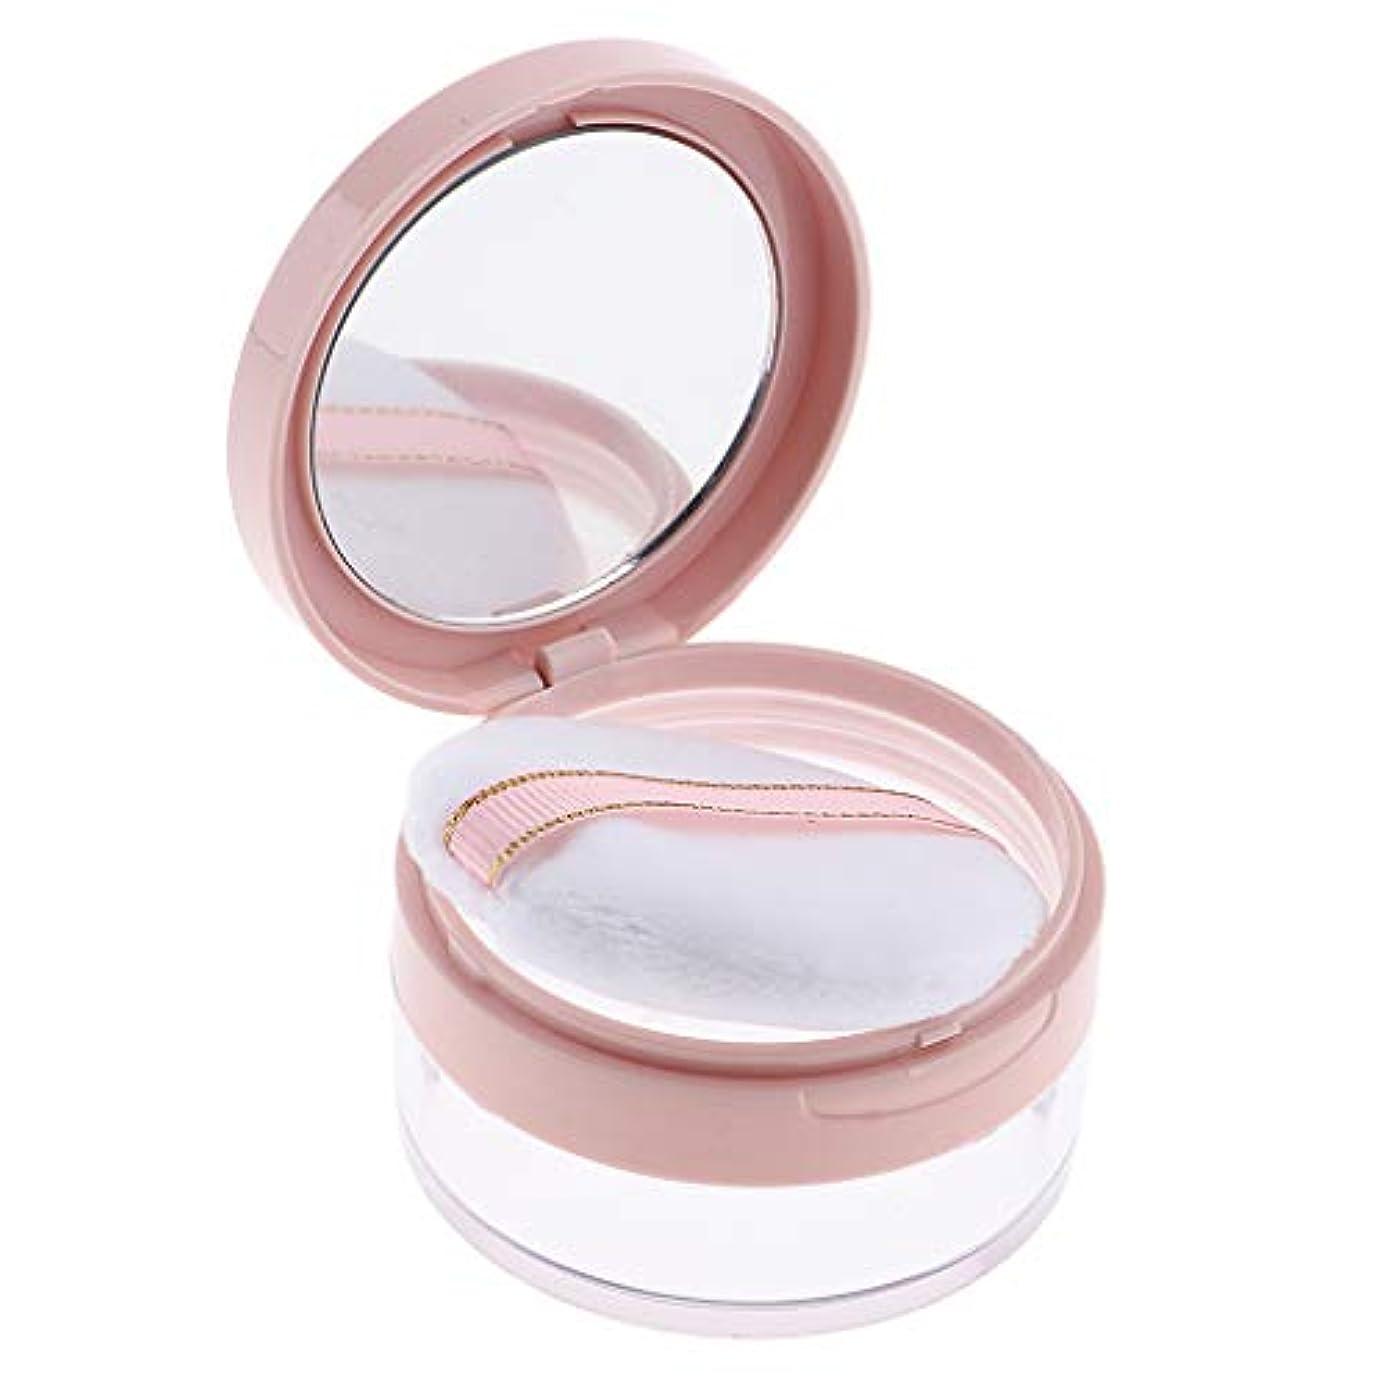 勢いキャンドル突き出すF Fityle パウダーケース 化粧品 ジャー 鏡 パフ 2色選べ - ピンク